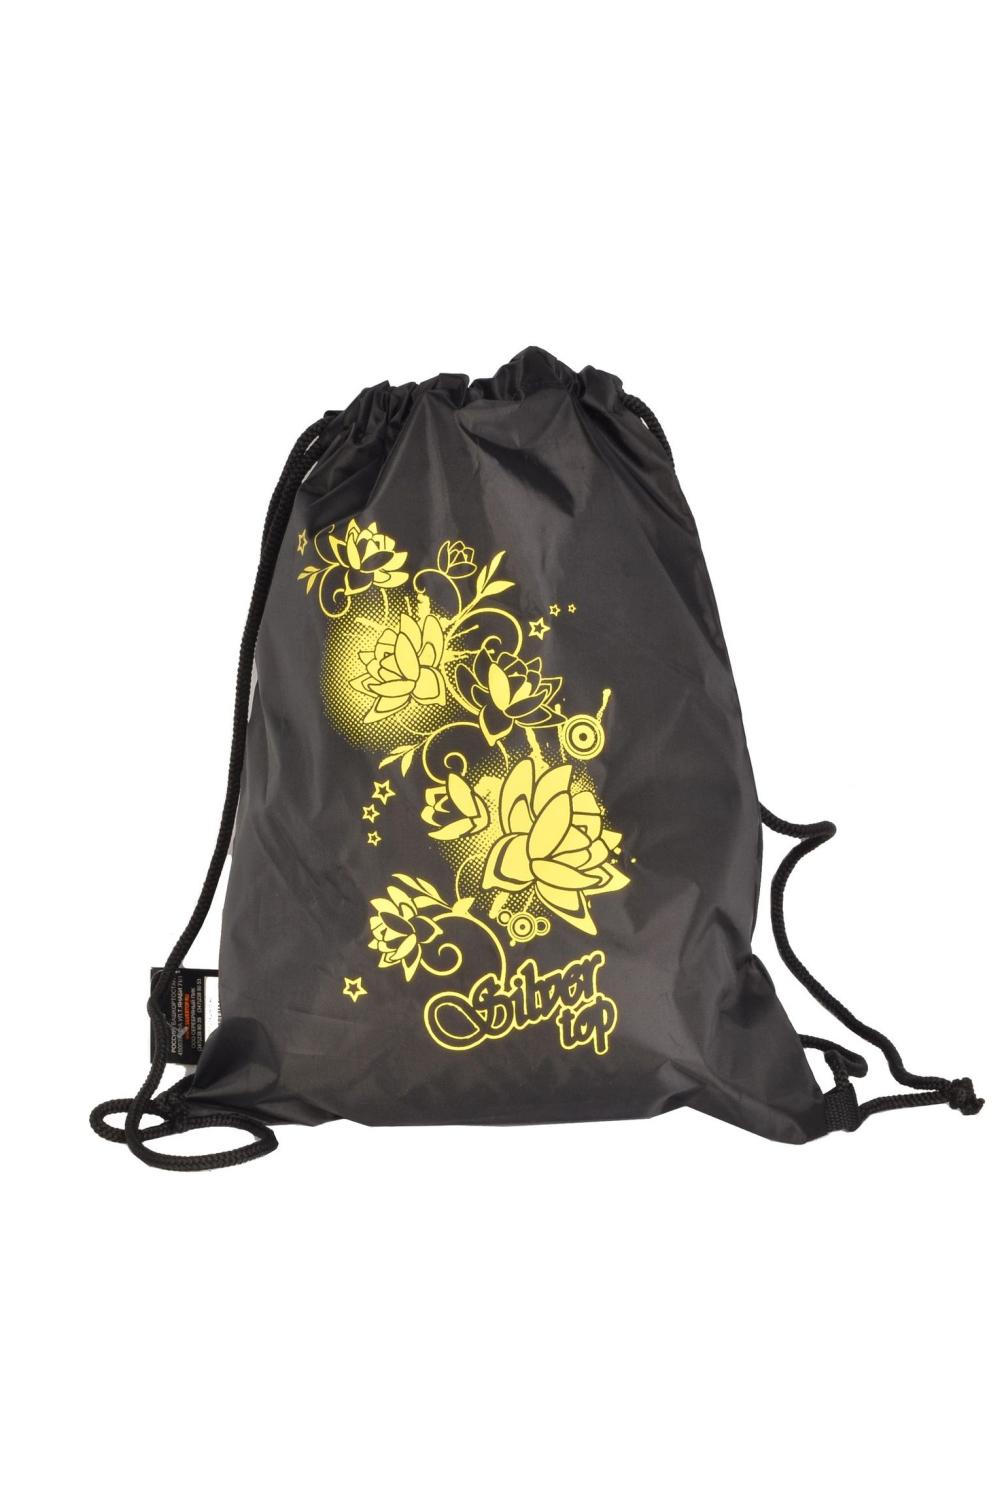 ТорбаСумки и кошельки<br>Удобная и вместительная торба для обуви.  В изделии использованы цвета: серый, желтый  Габариты: 42х34 см<br><br>По сезону: Всесезон<br>Размер : UNI<br>Материал: Полиэстер<br>Количество в наличии: 2